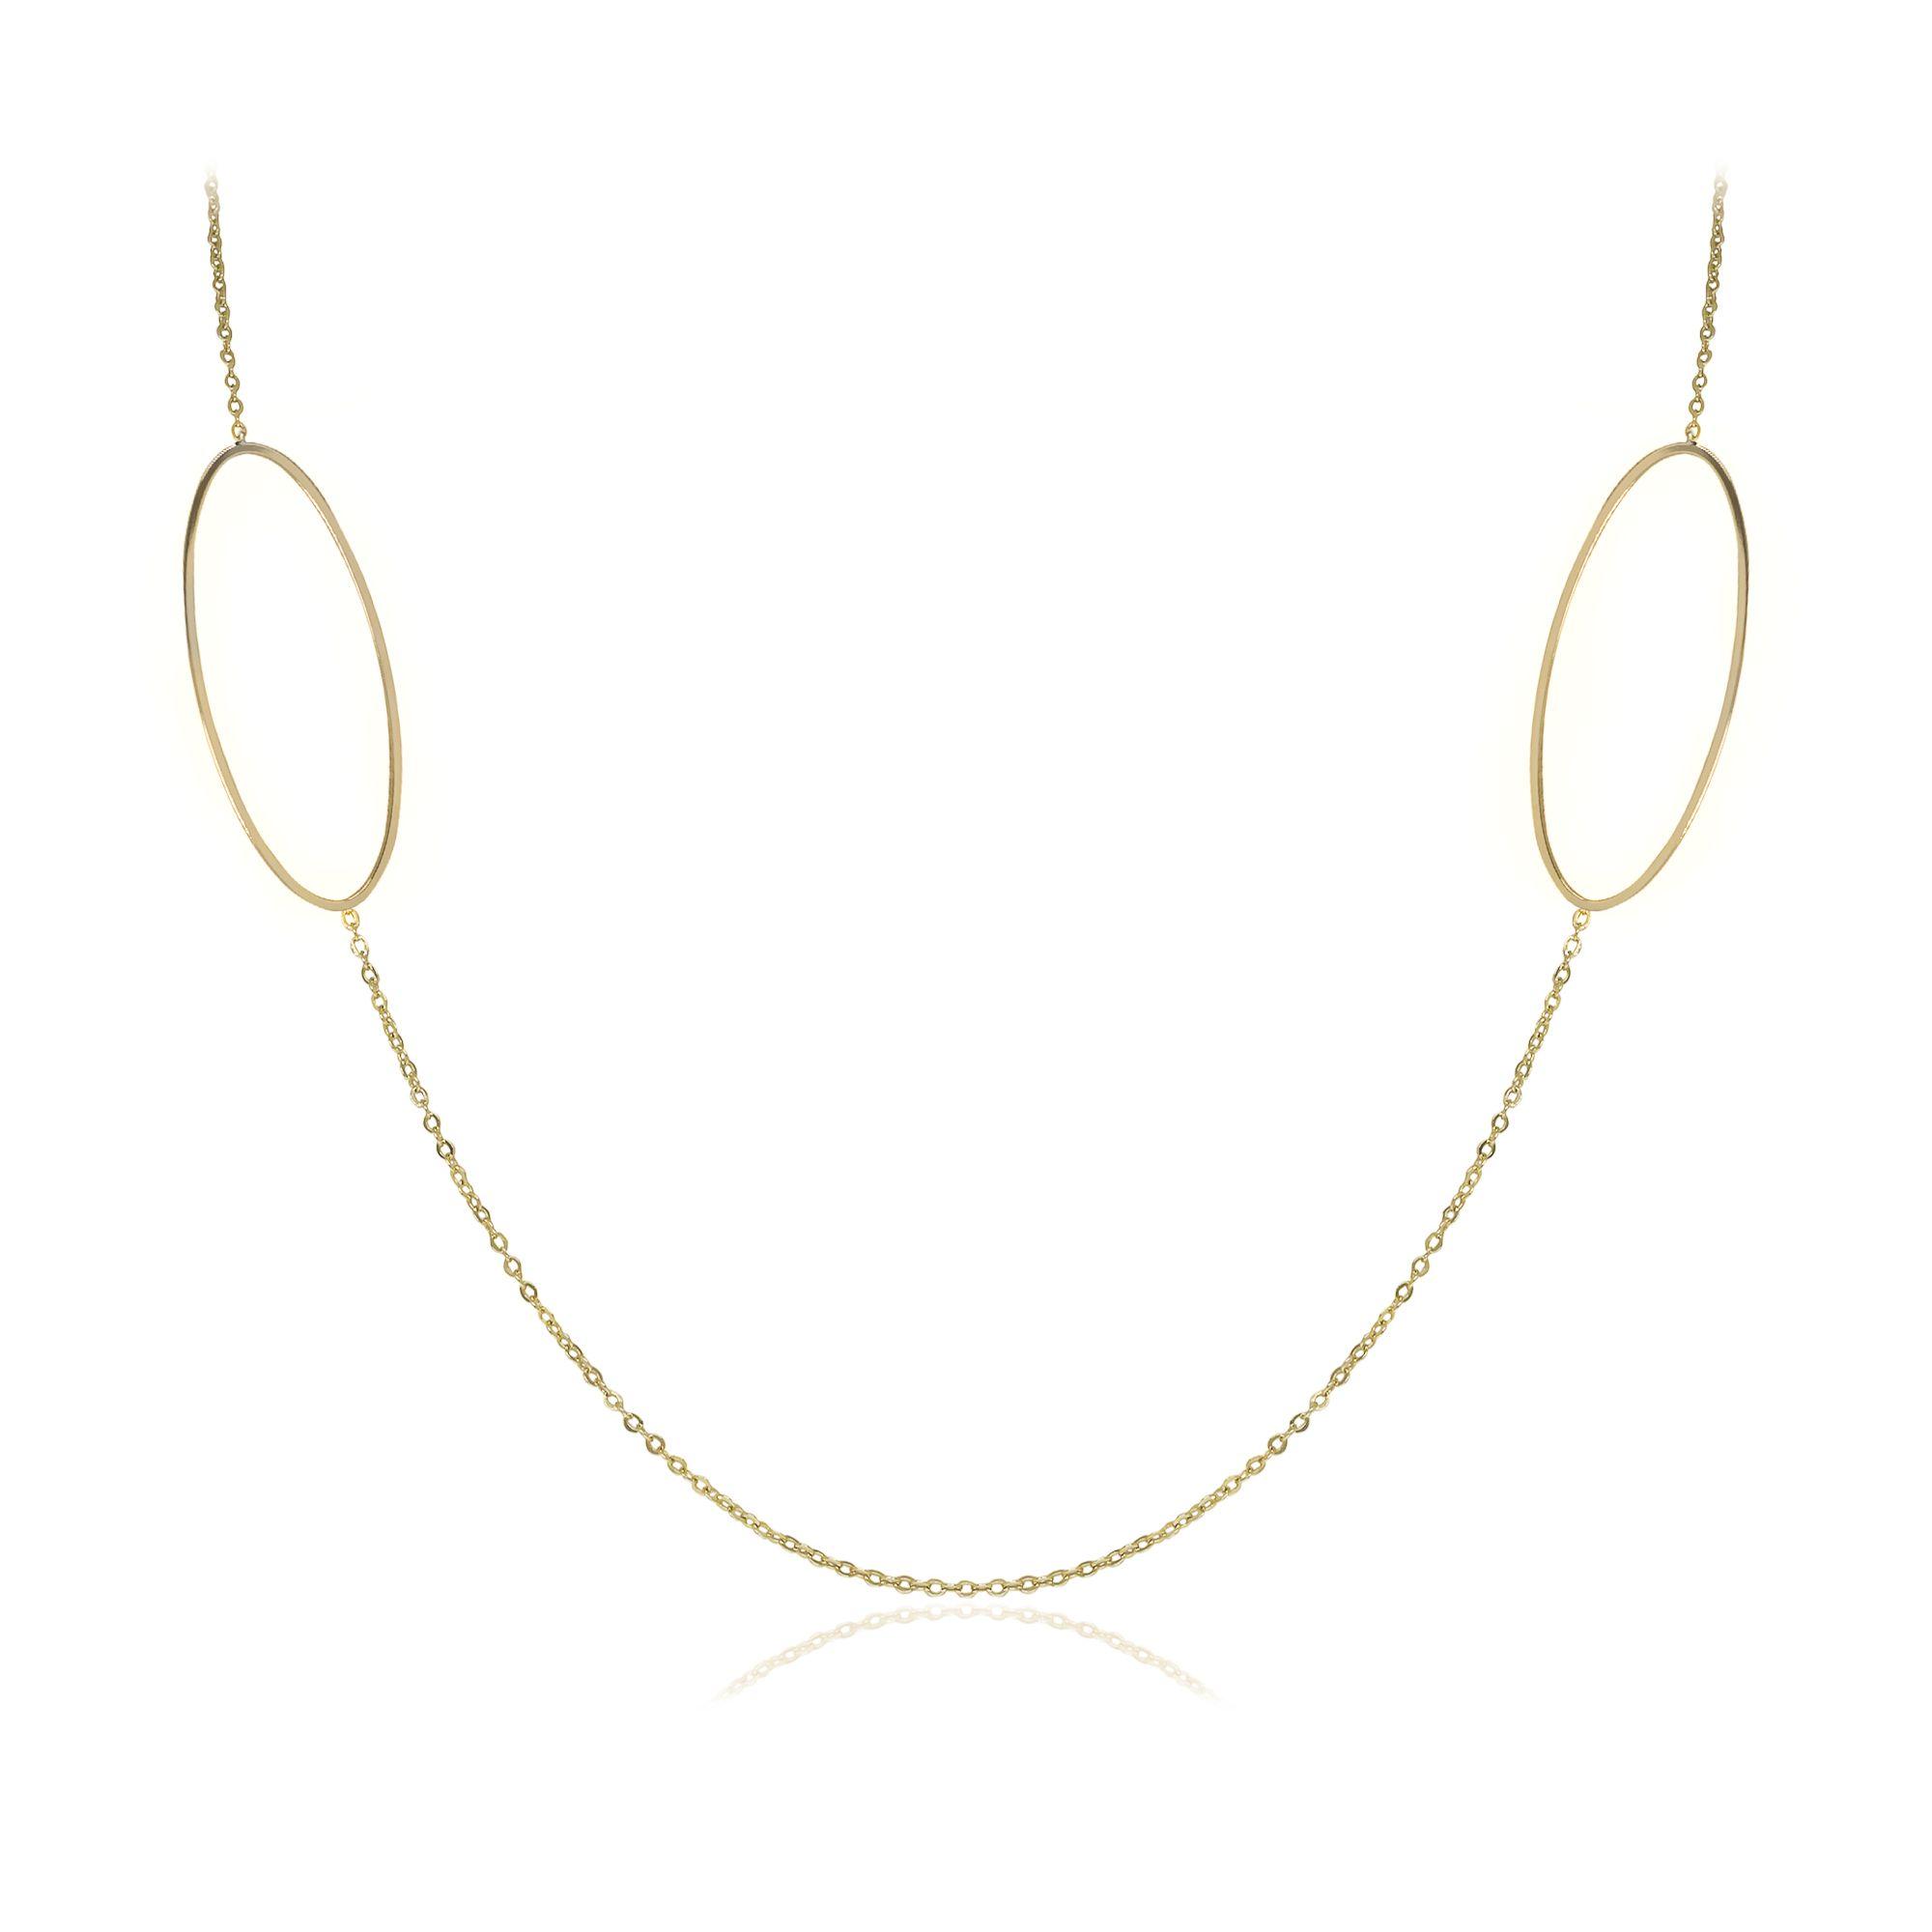 Colar Semi joia com detalhe  duplo oval vazado banhado a ouro  18k ou rhodium em estilo minimalista